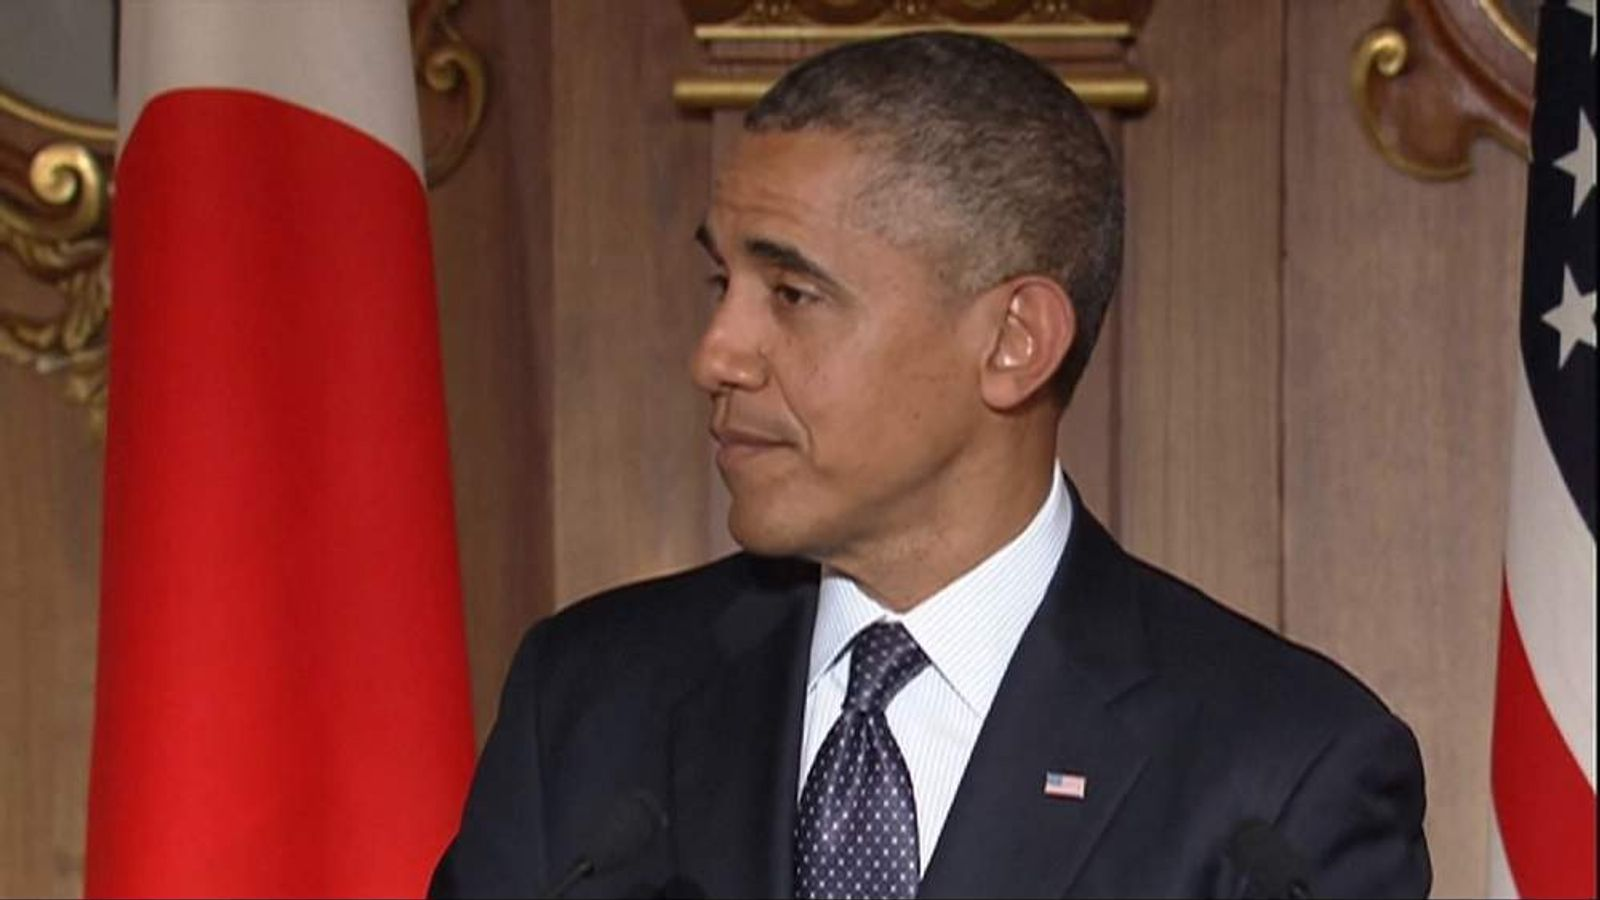 US President Barack Obama speaking in Tokyo